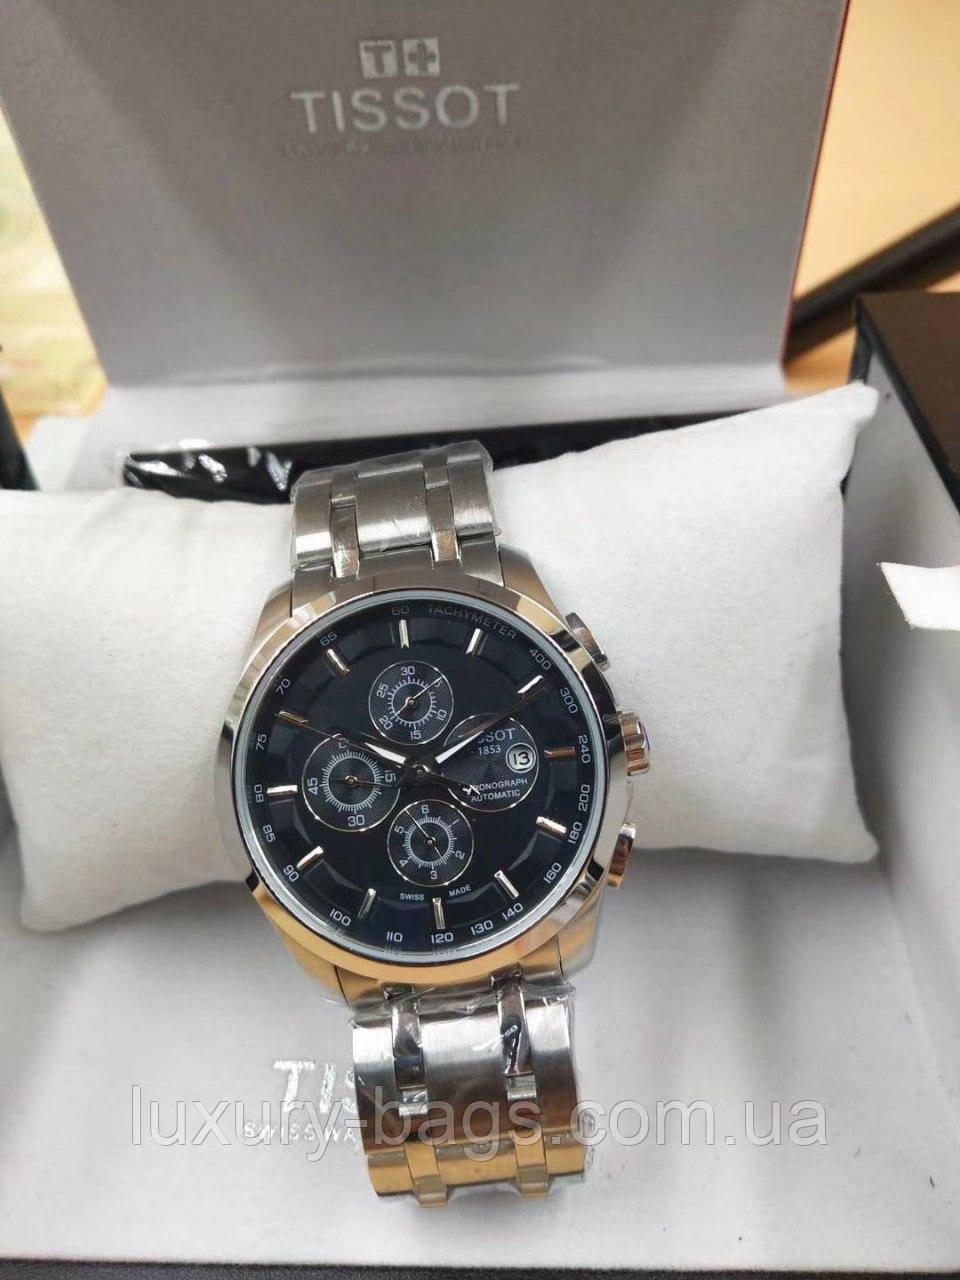 Мужские часы Tissot LT60 Metal Automatic